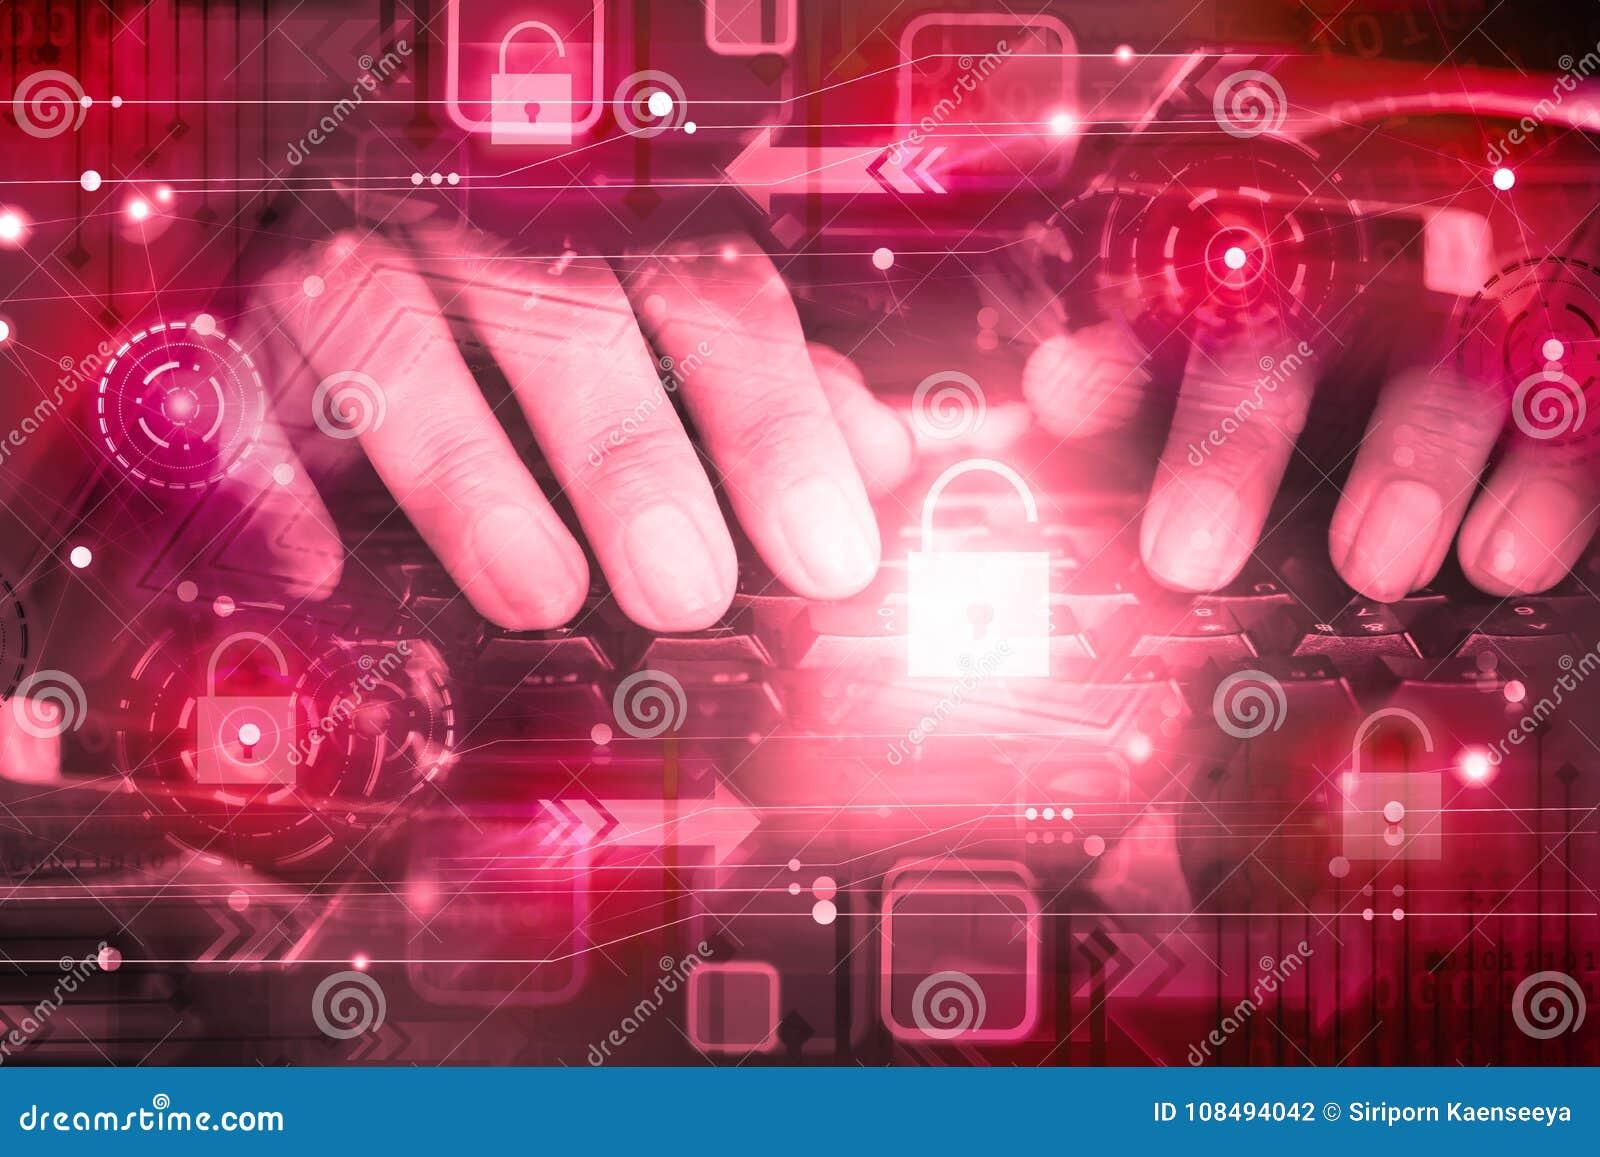 Mano del pirata informático en el teclado de ordenador con el icono desbloqueado, ataque cibernético, red sin garantía, seguridad